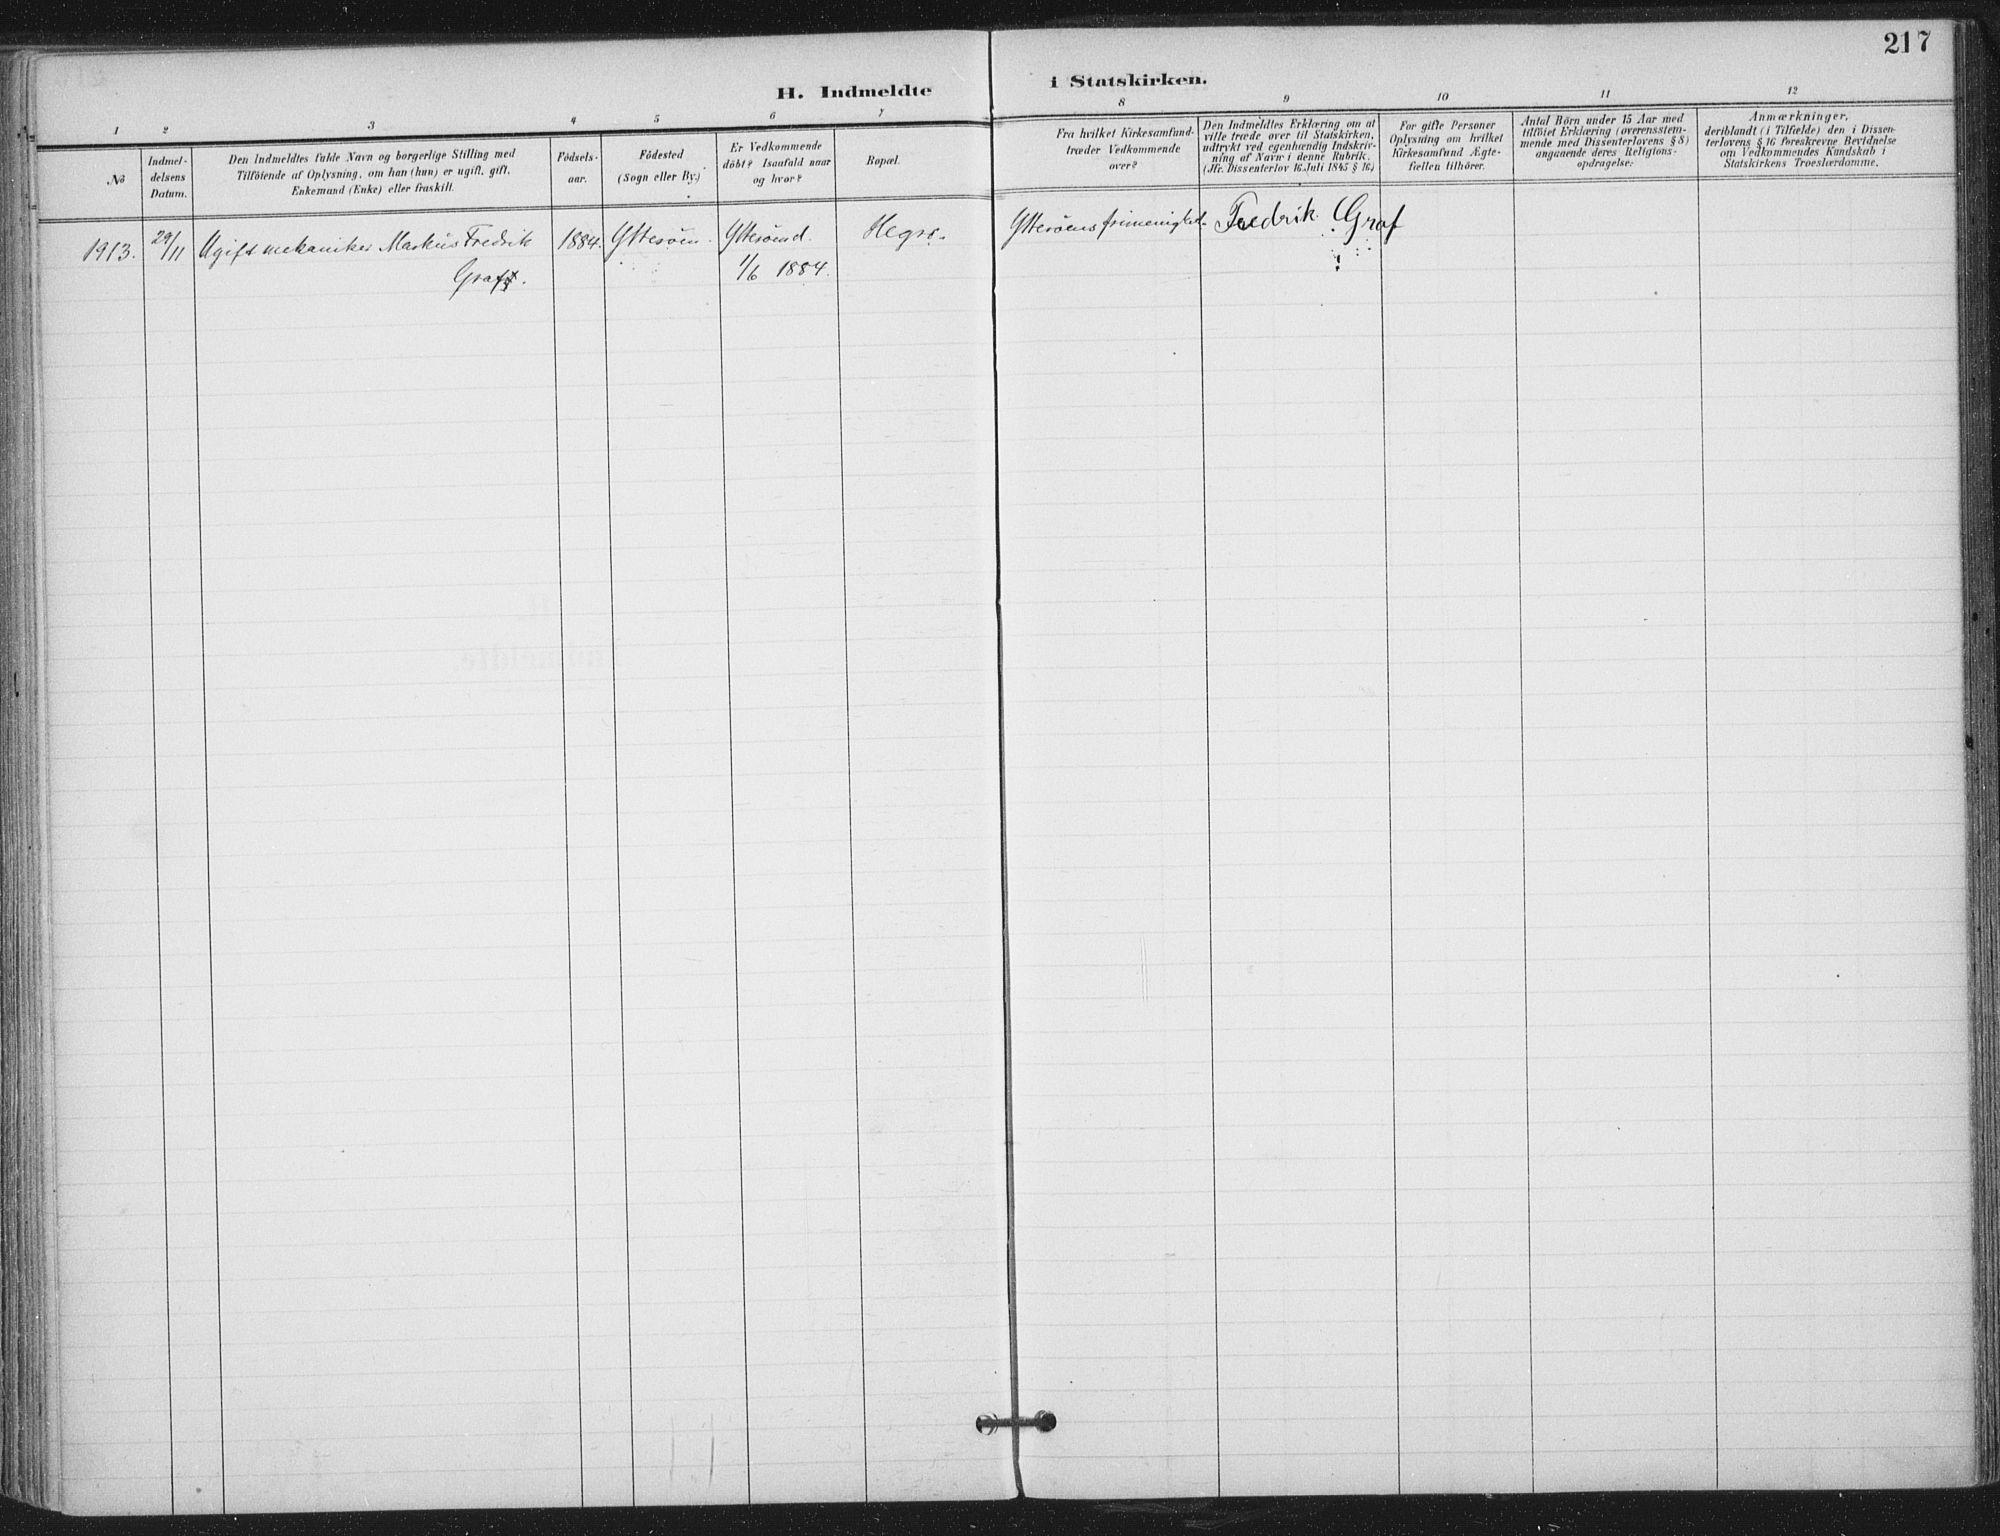 SAT, Ministerialprotokoller, klokkerbøker og fødselsregistre - Nord-Trøndelag, 703/L0031: Ministerialbok nr. 703A04, 1893-1914, s. 217